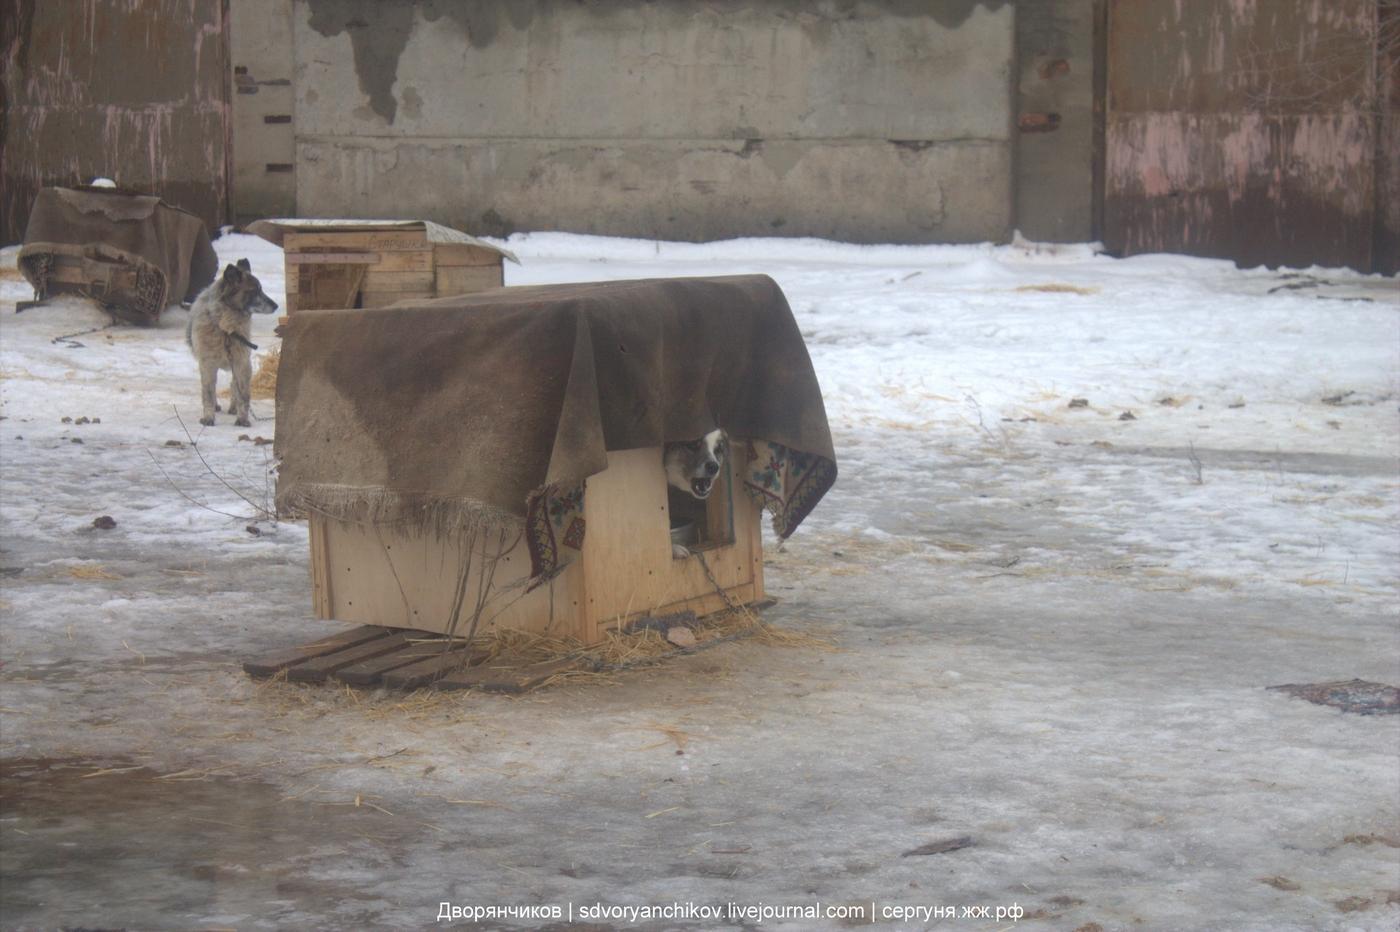 Priut34 - Великое междуречье - 05 февраля 2018